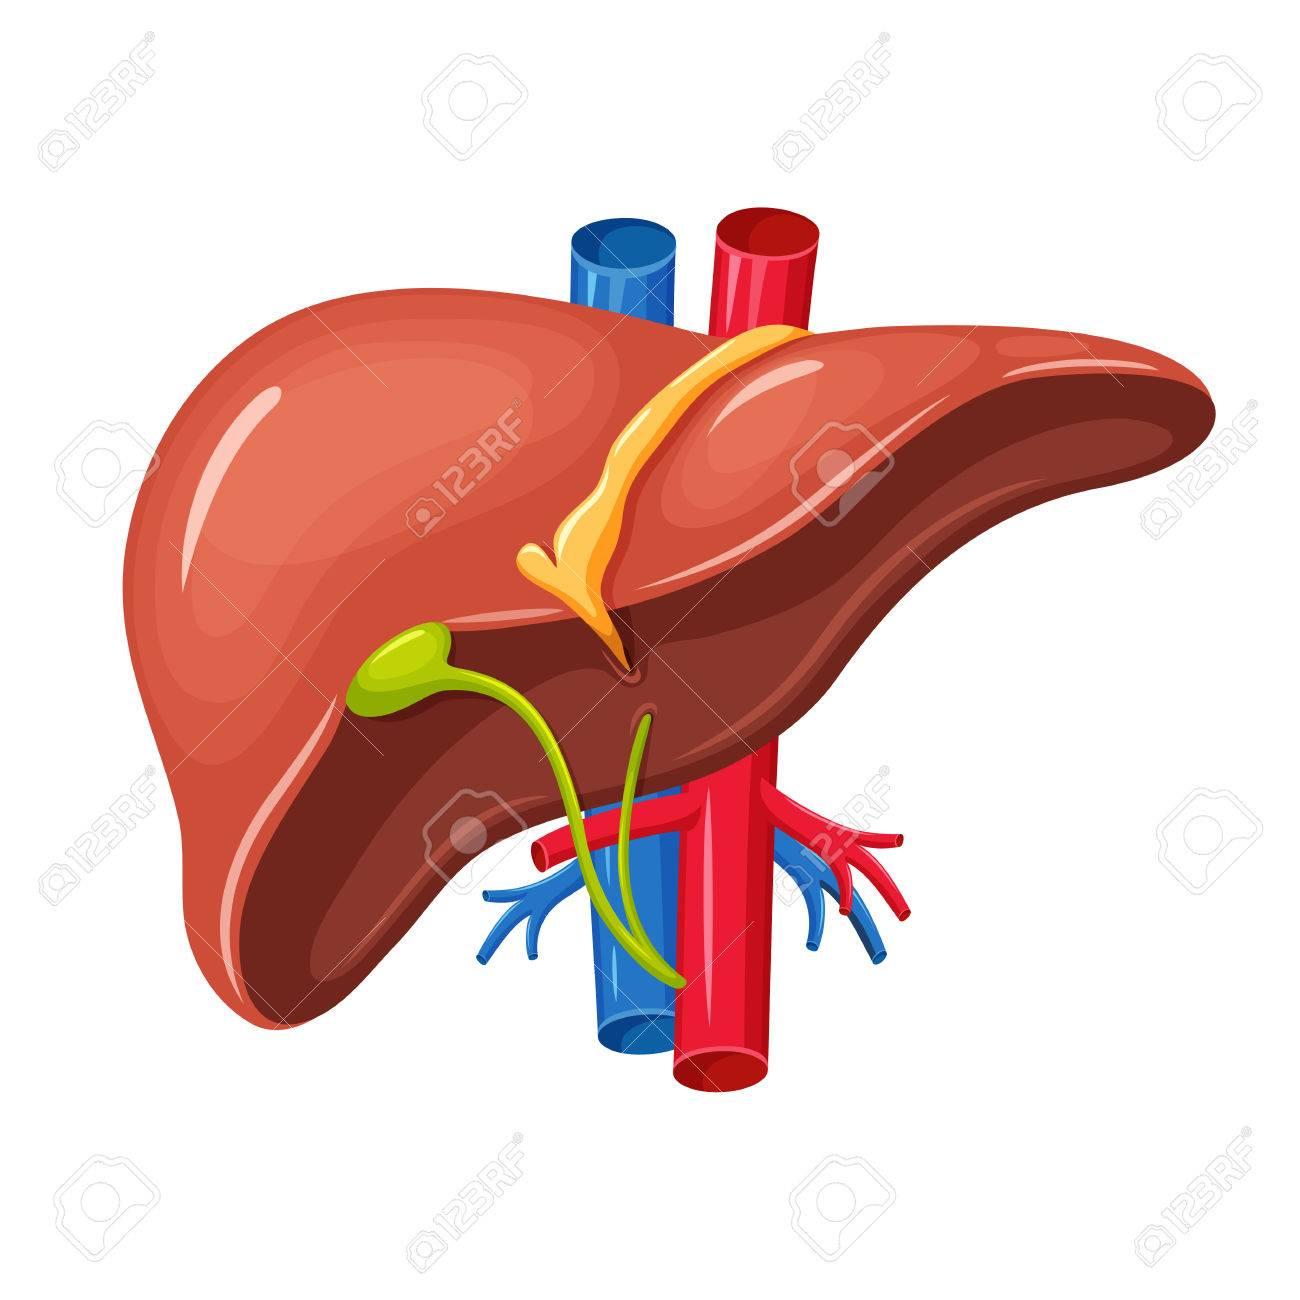 Human Liver Anatomy Liver Medical Science Vector Illustration